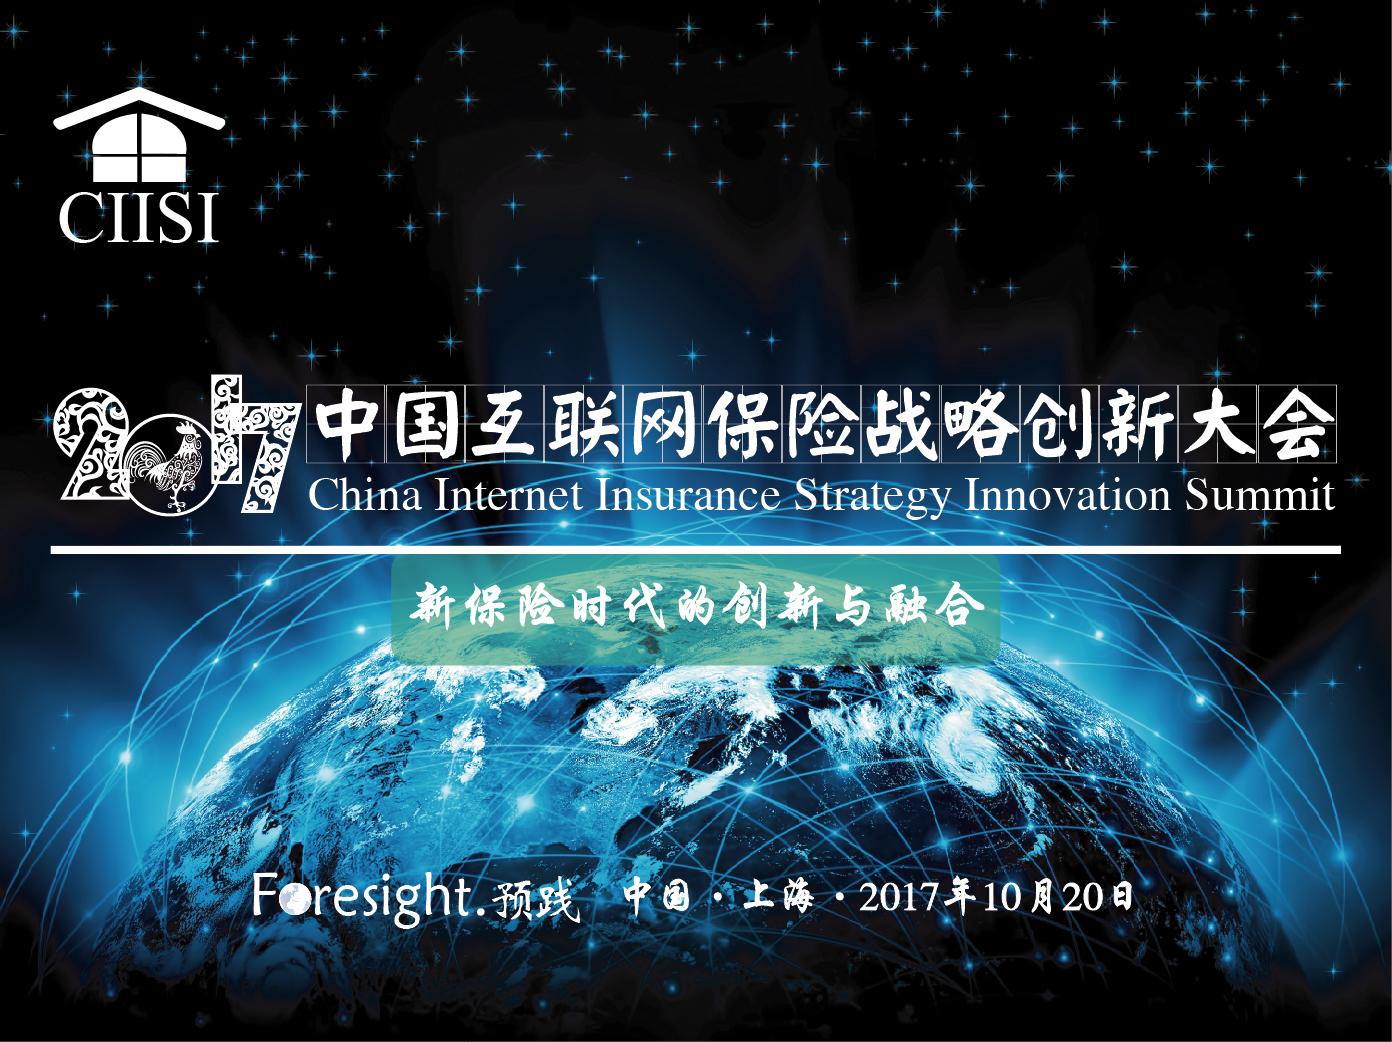 中国互联网保险战略创新大会